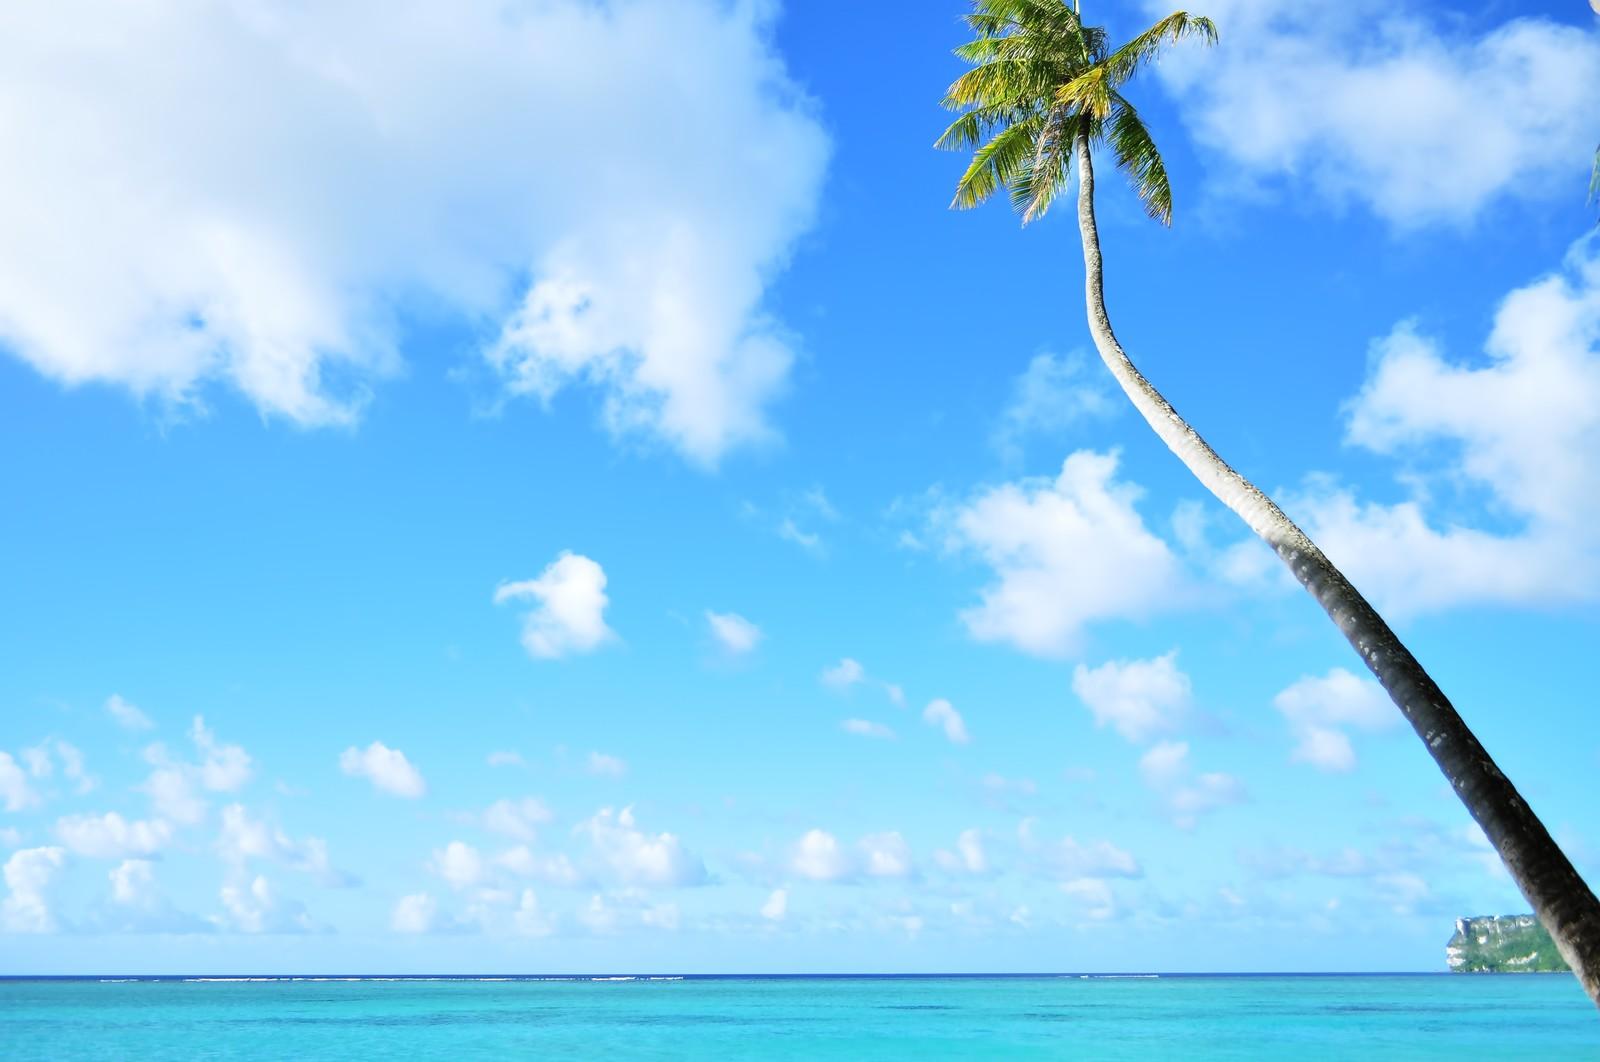 ハワイ島の観光スポットおすすめBEST15!子連れ旅行でも楽しめる!